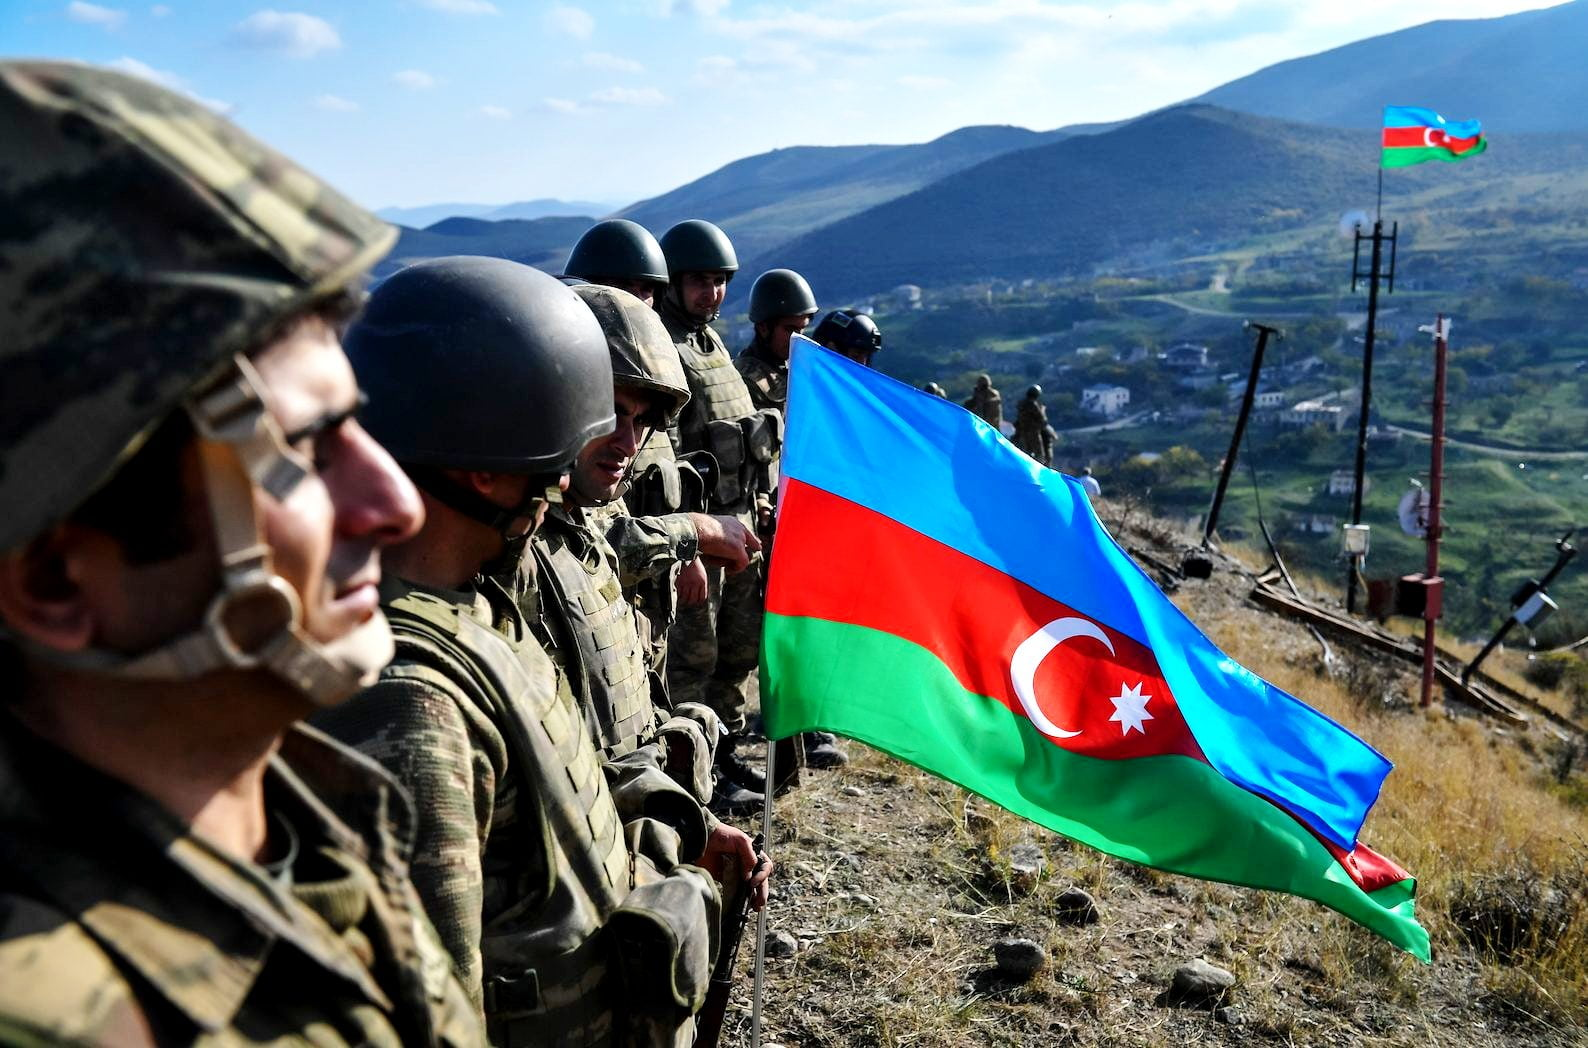 Ισραηλινές εταιρείες προσφέρονται να βοηθήσουν το Αζερμπαϊτζάν στην ανοικοδόμηση του Ναγκόρνο-Καραμπάχ